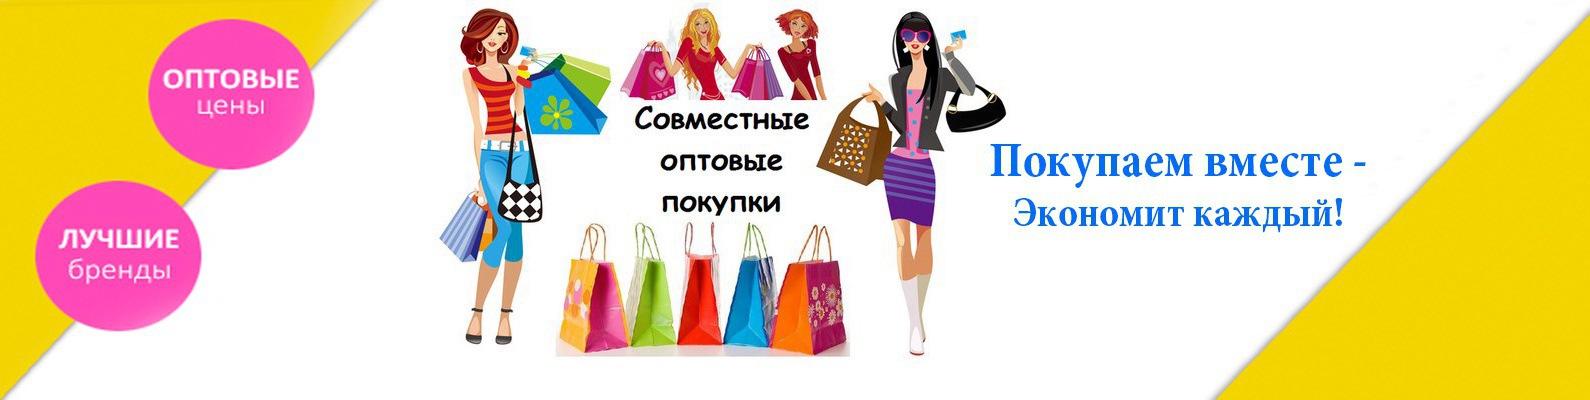 листочках картинки групп совместных покупок правило